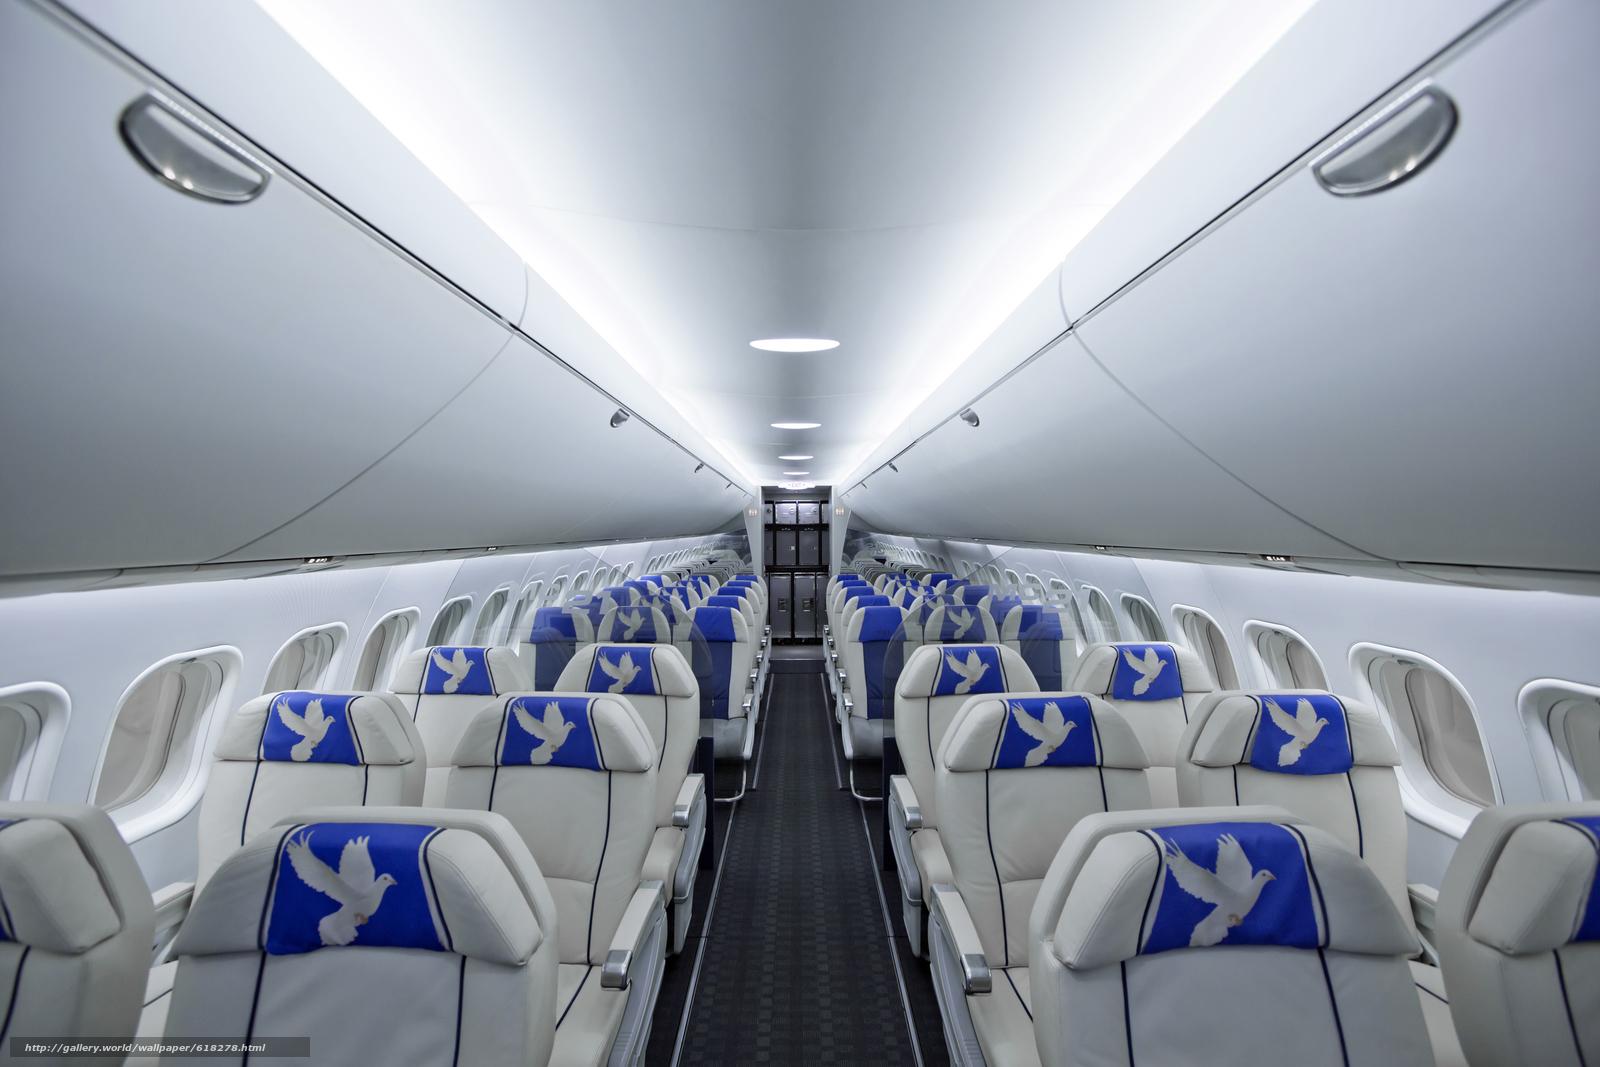 Скачать на телефон обои фото картинку на тему Пассажирский, салон, самолет, МС-21, ЯК, авиация, кресло, голубь, разширение 5760x3840